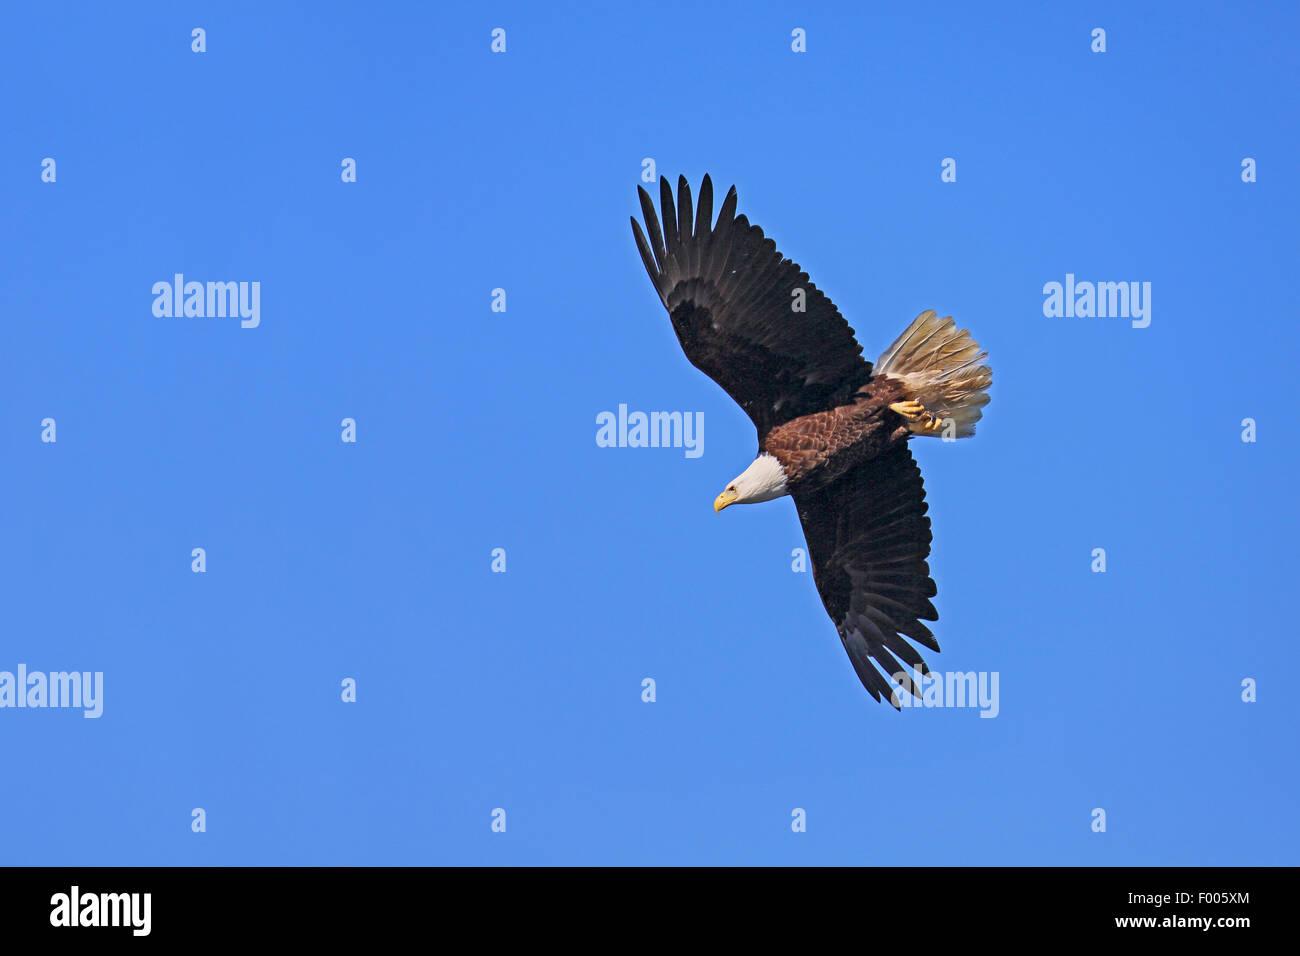 American Bald Eagle (Haliaeetus leucocephalus), volant à le bleu du ciel, l'île de Vancouver, Canada Banque D'Images